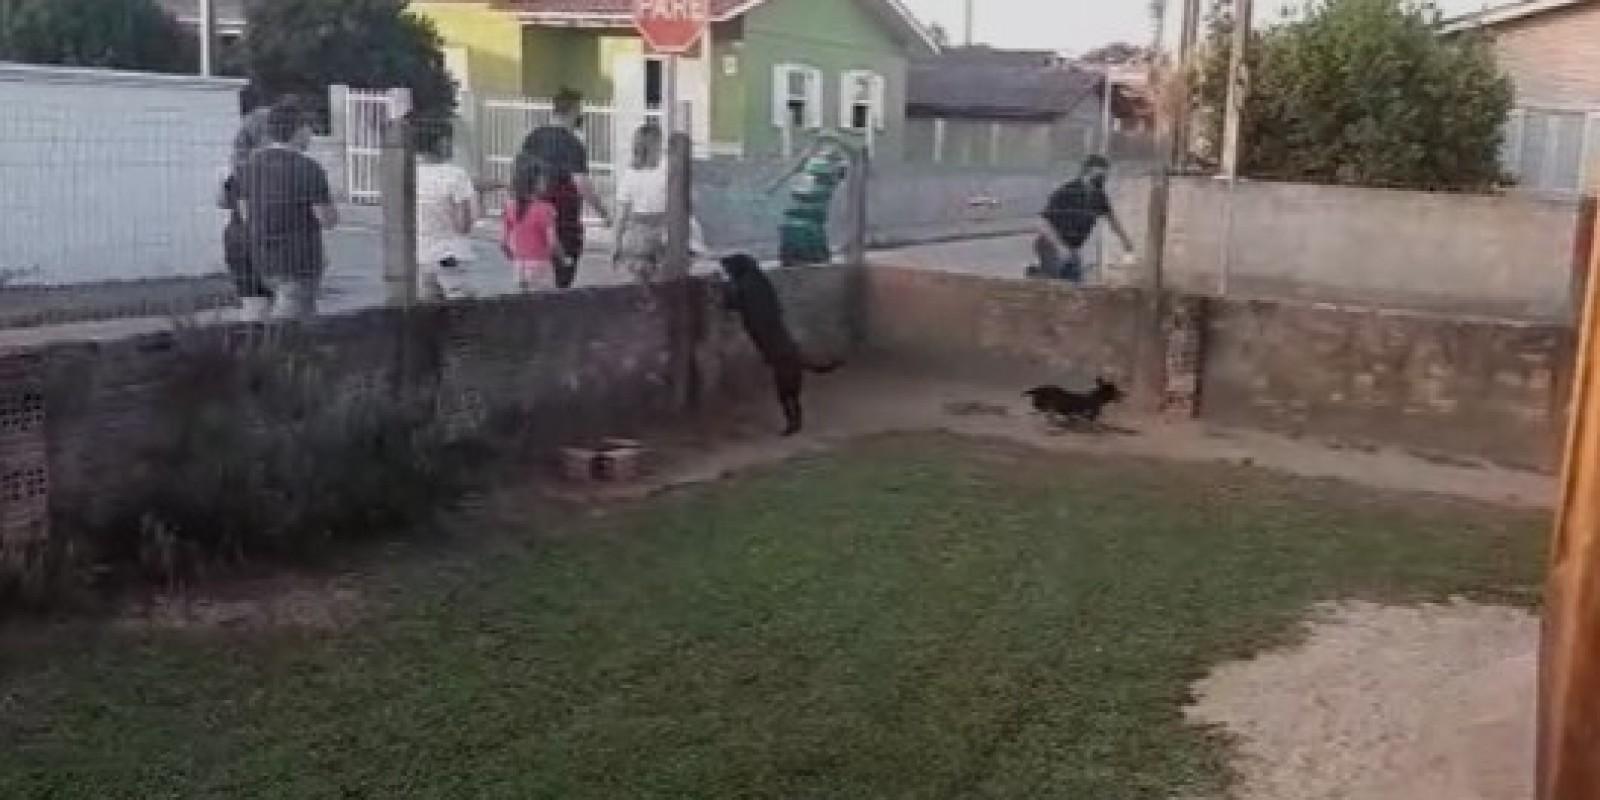 Candidato a vice-prefeito de Içara sofre tentativa de agressão